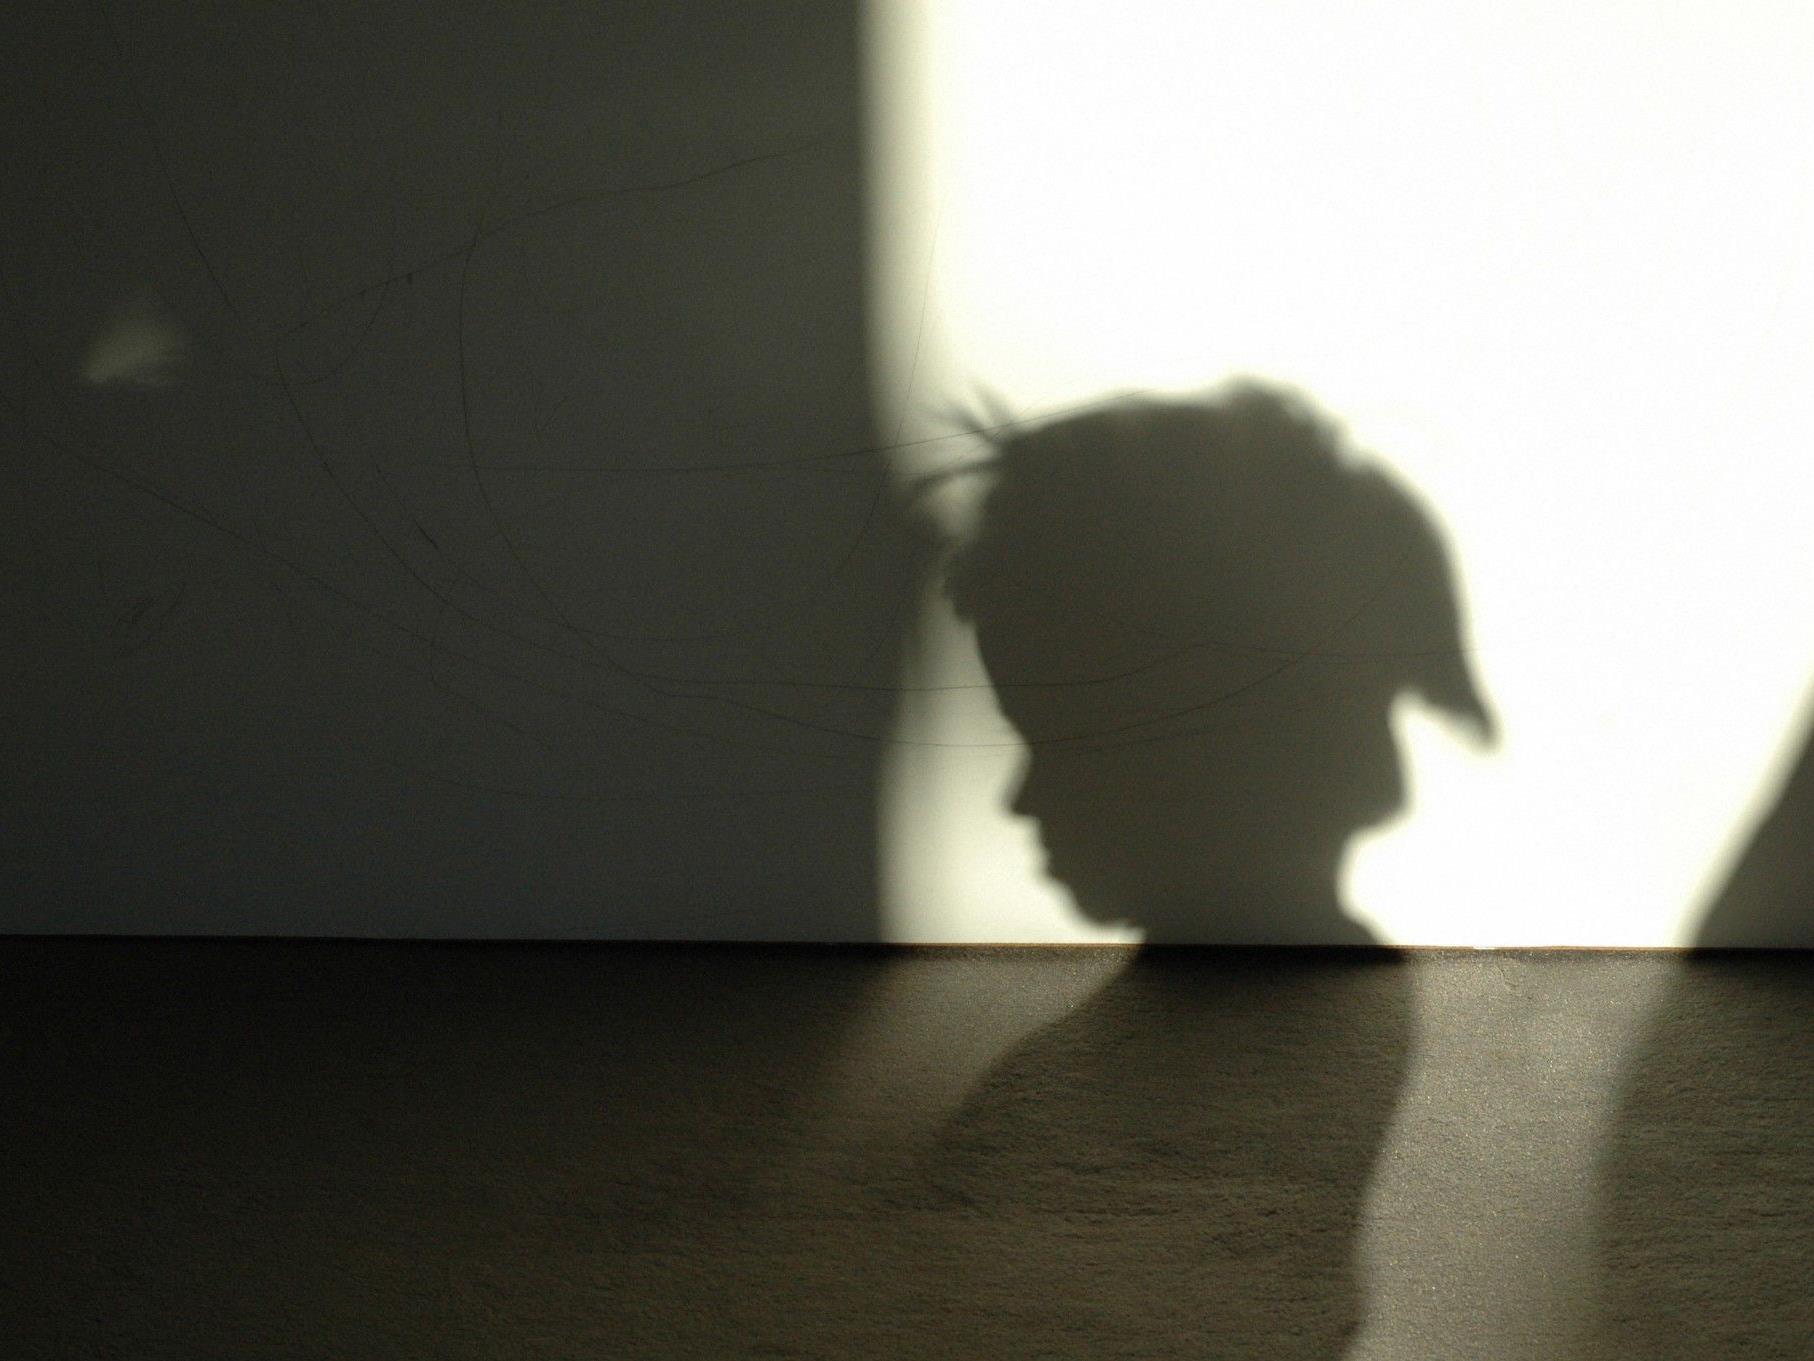 Ein Fall von Kindesmissbrauch und Kinderpornografie wird gerade in Korneuburg verhandelt